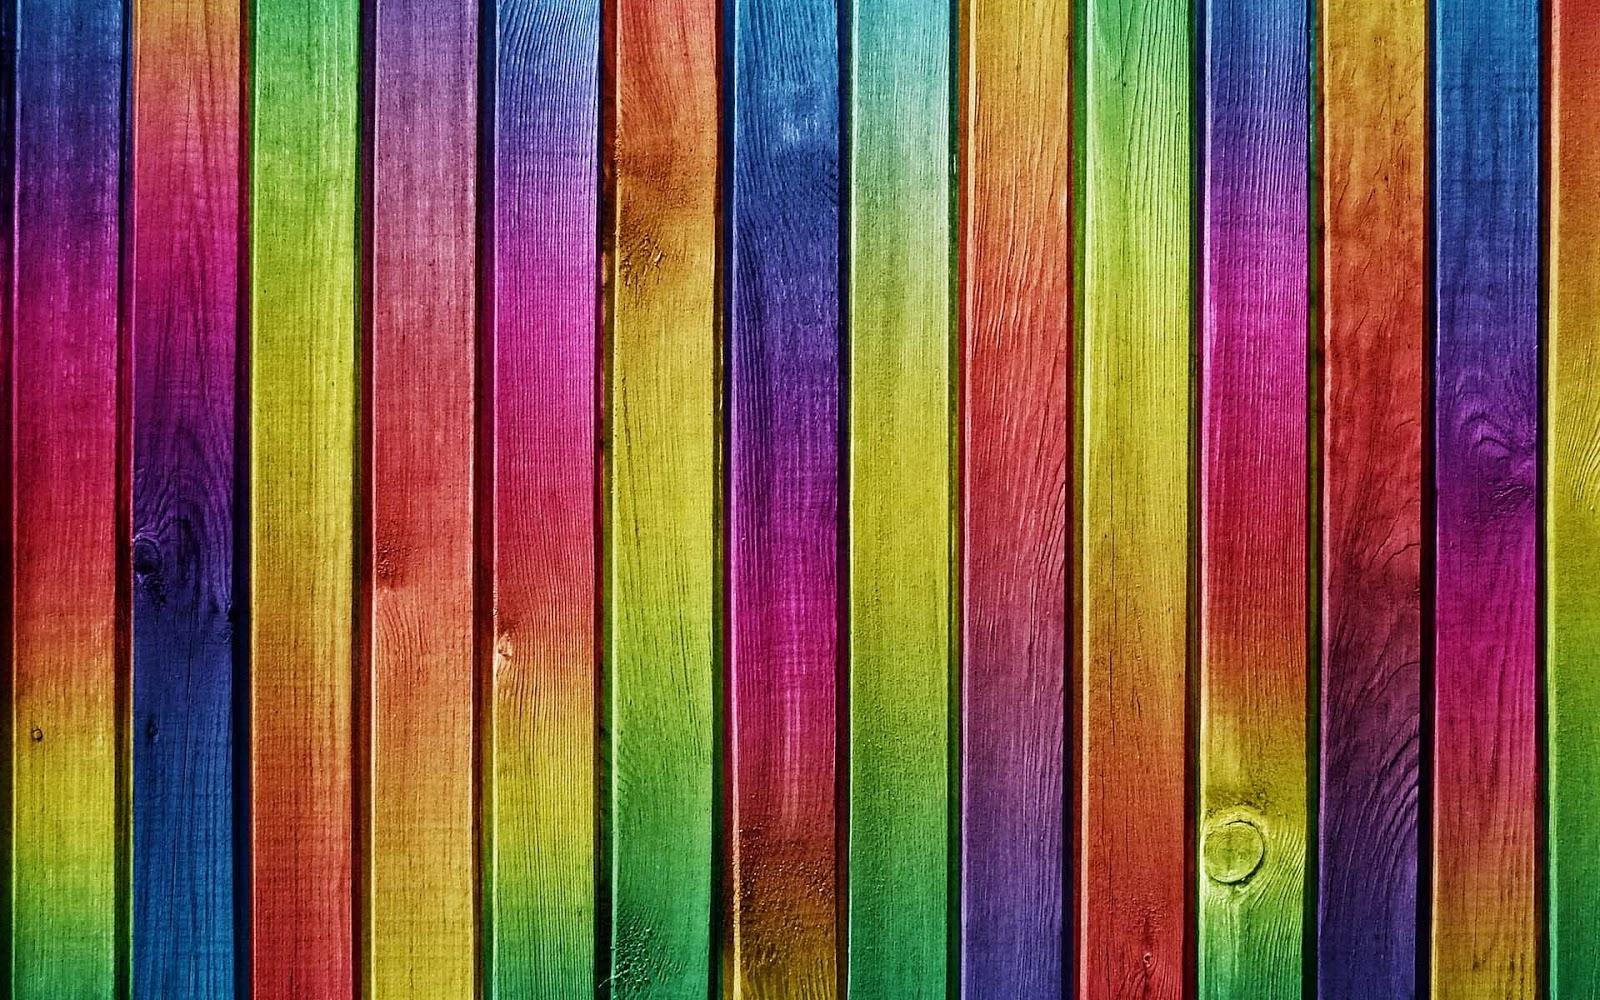 Hout in alle kleuren